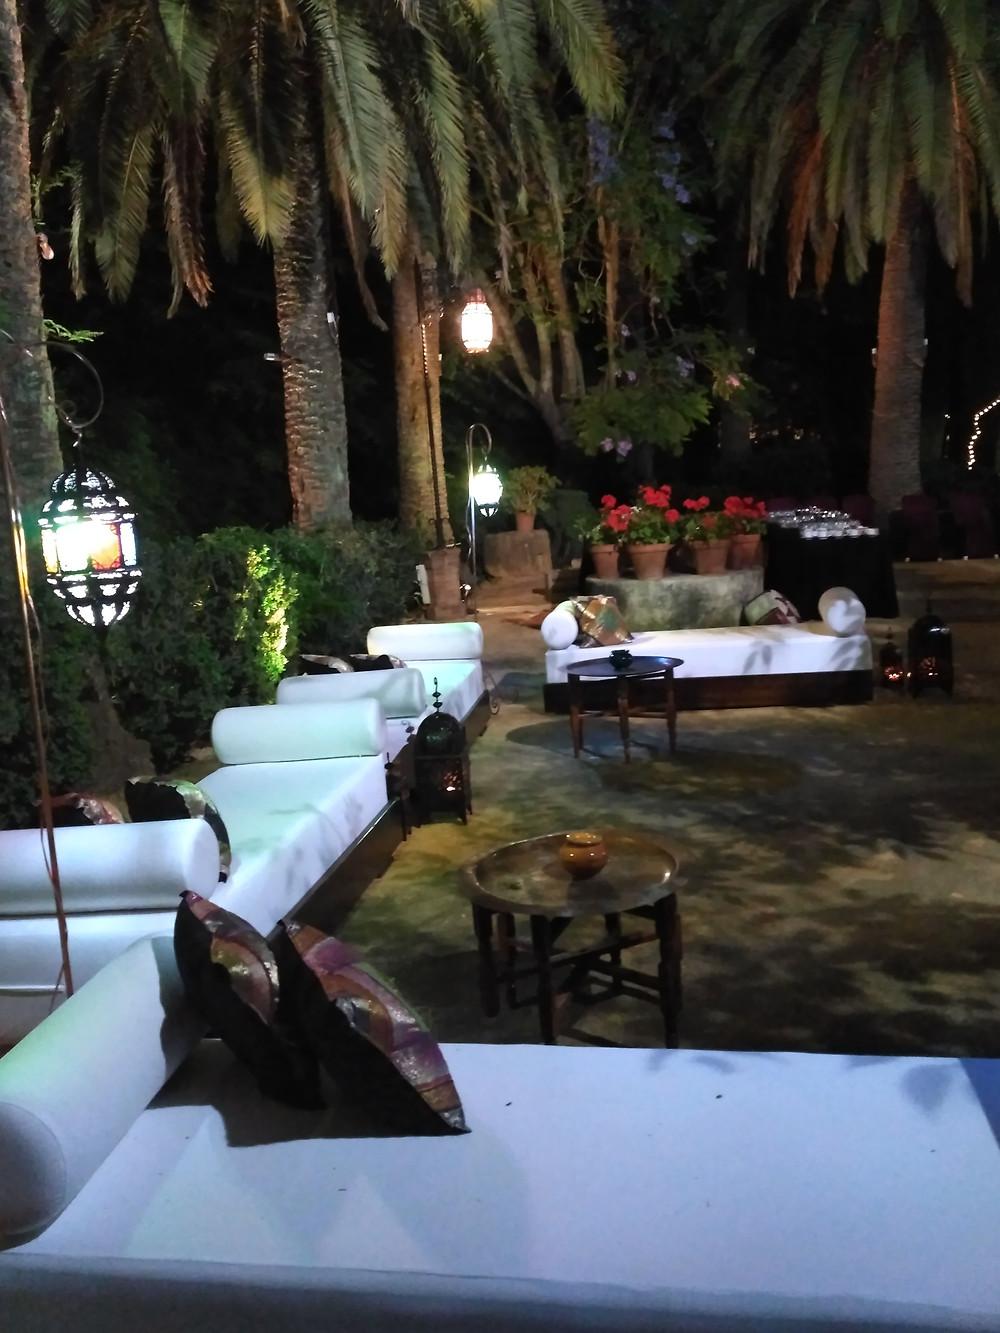 lámparas , sillones , mesas de té